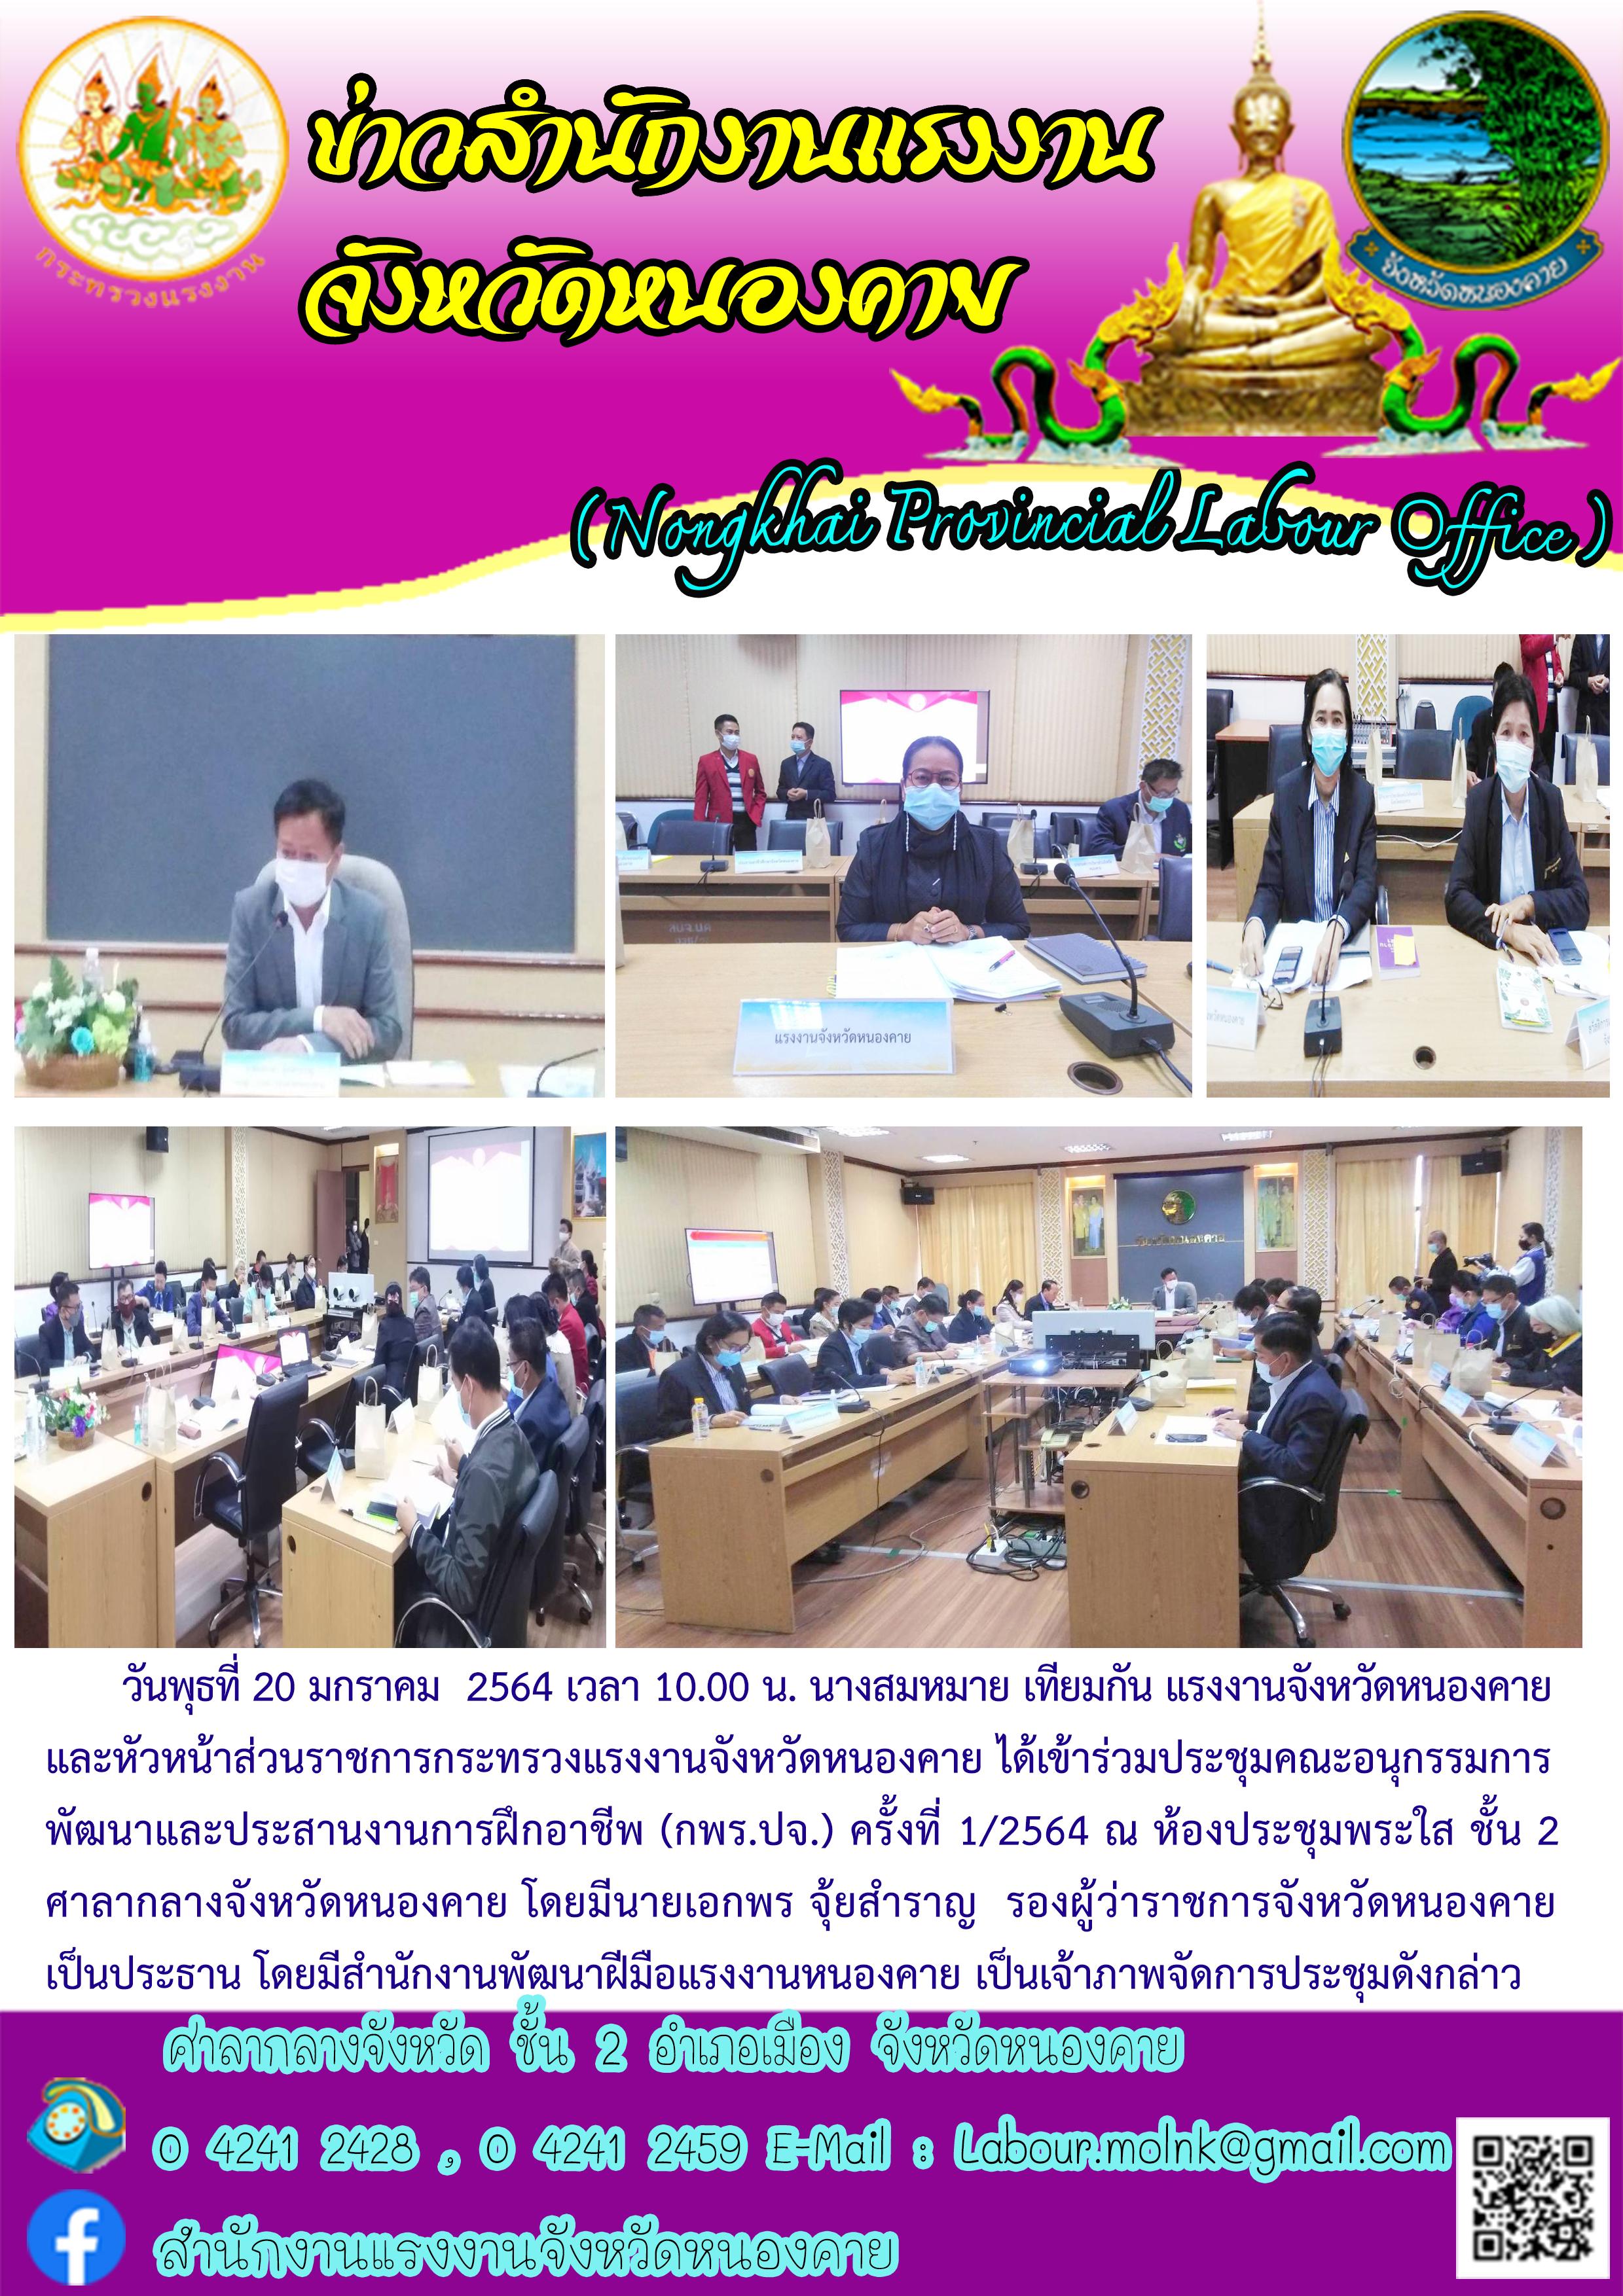 แรงงานจังหวัดหนองคาย ได้เข้าร่วมประชุมคณะอนุกรรมการพัฒนาและประสานงานการฝึกอาชีพ (กพร.ปจ.) ครั้งที่ 1/2564